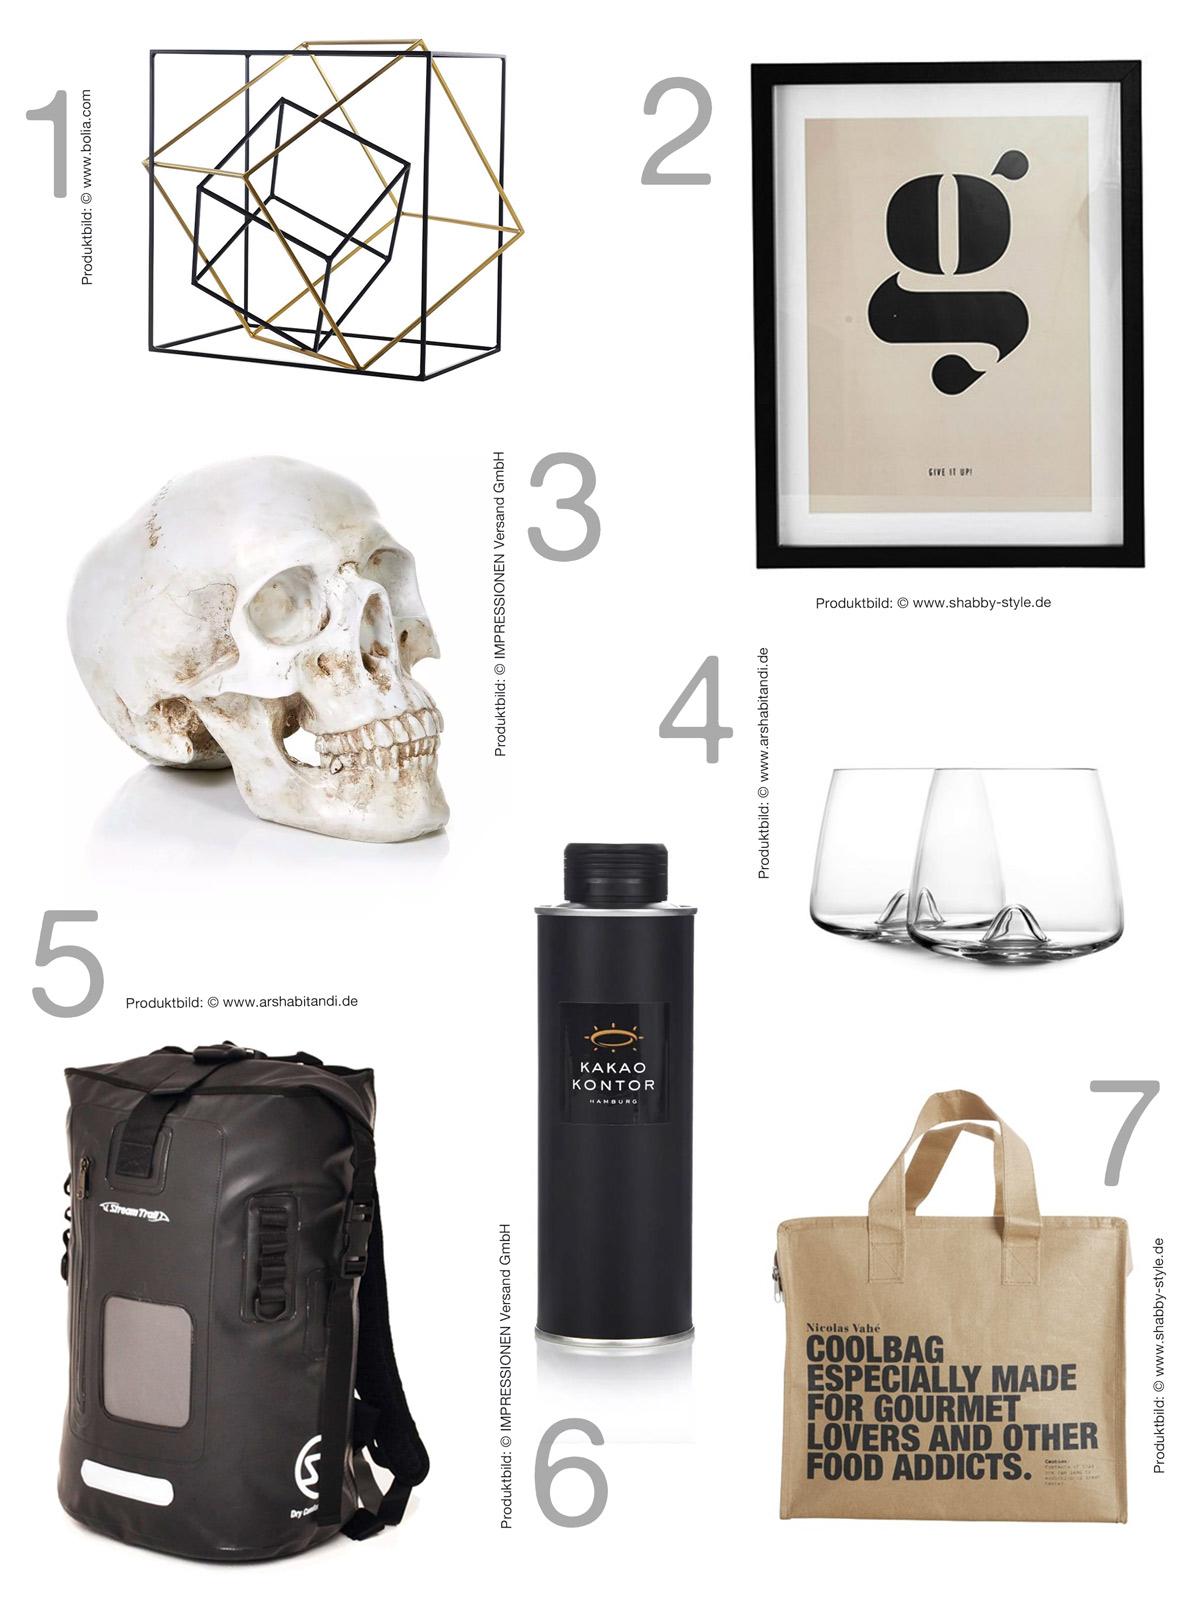 geschenkideen f r m nner weil es jedes jahr wieder schwierig ist mxliving. Black Bedroom Furniture Sets. Home Design Ideas